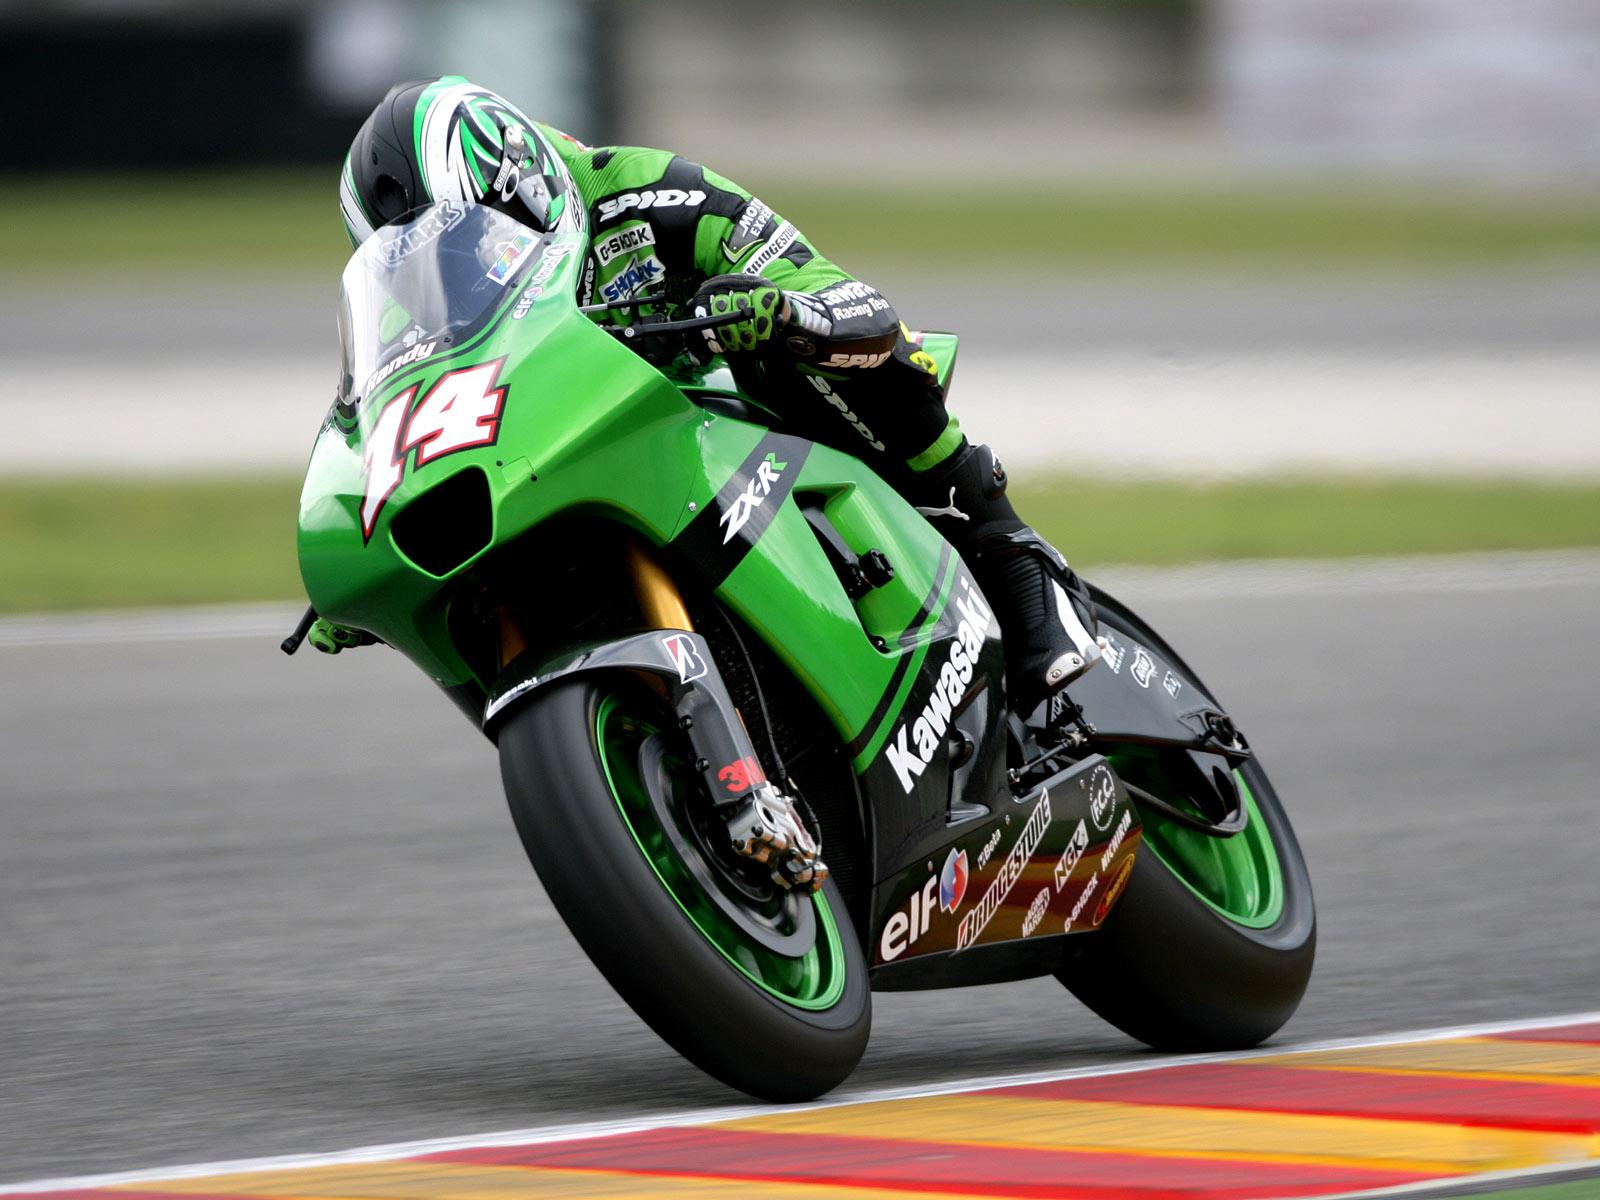 Download HQ MotoGP Wallpaper Num 31 1600 x 1200 645 Kb 1600x1200